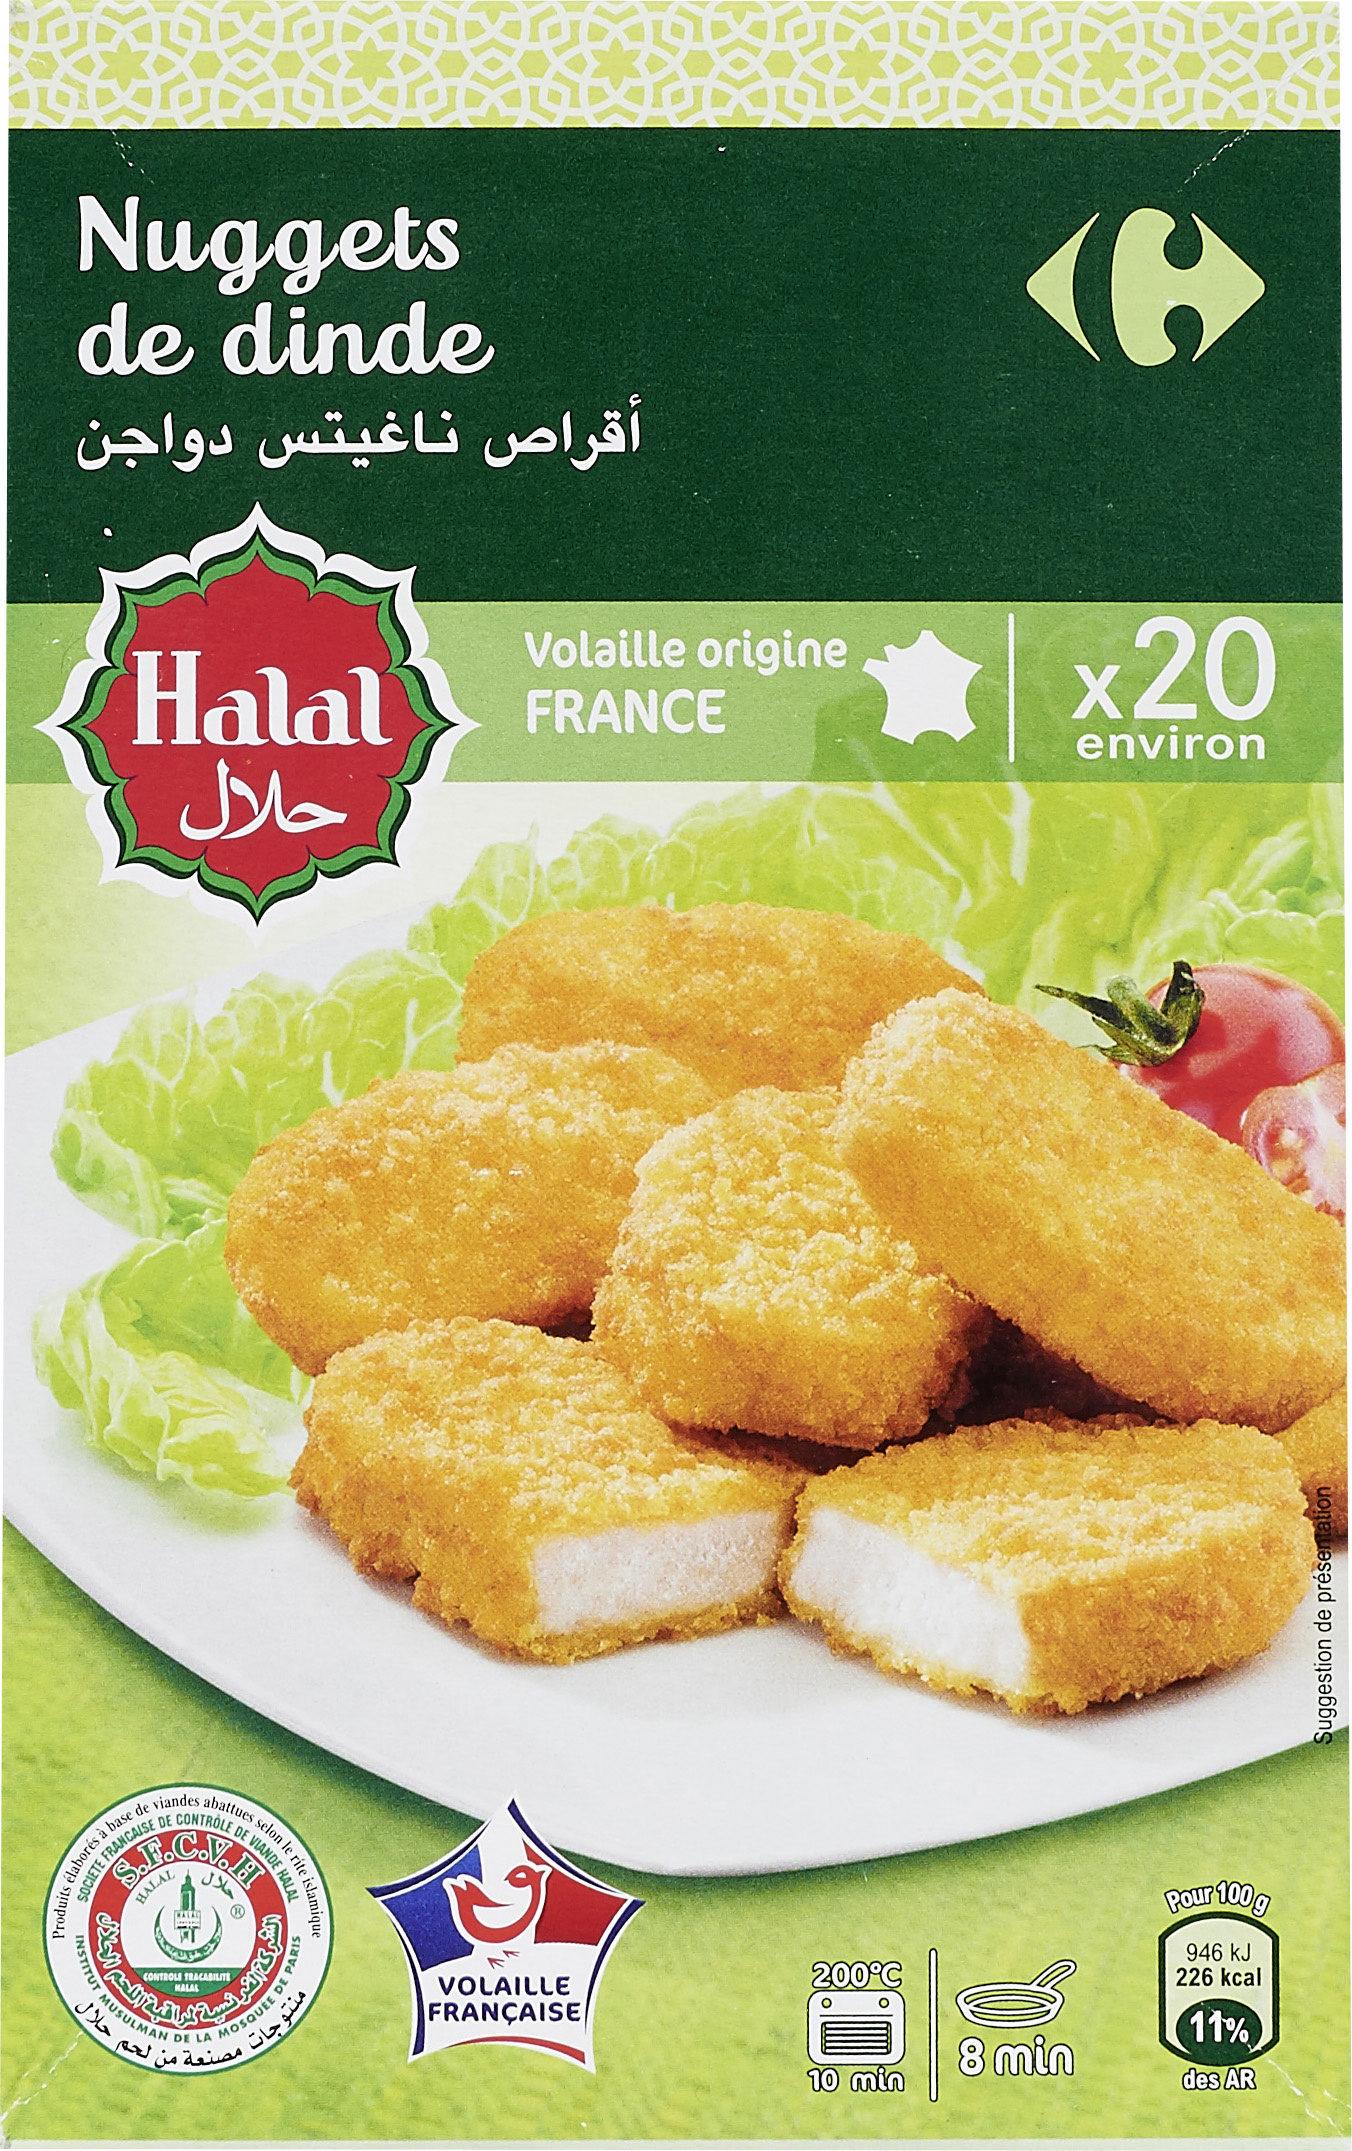 Nugget de Dinde Halal x20 environ - Produit - fr